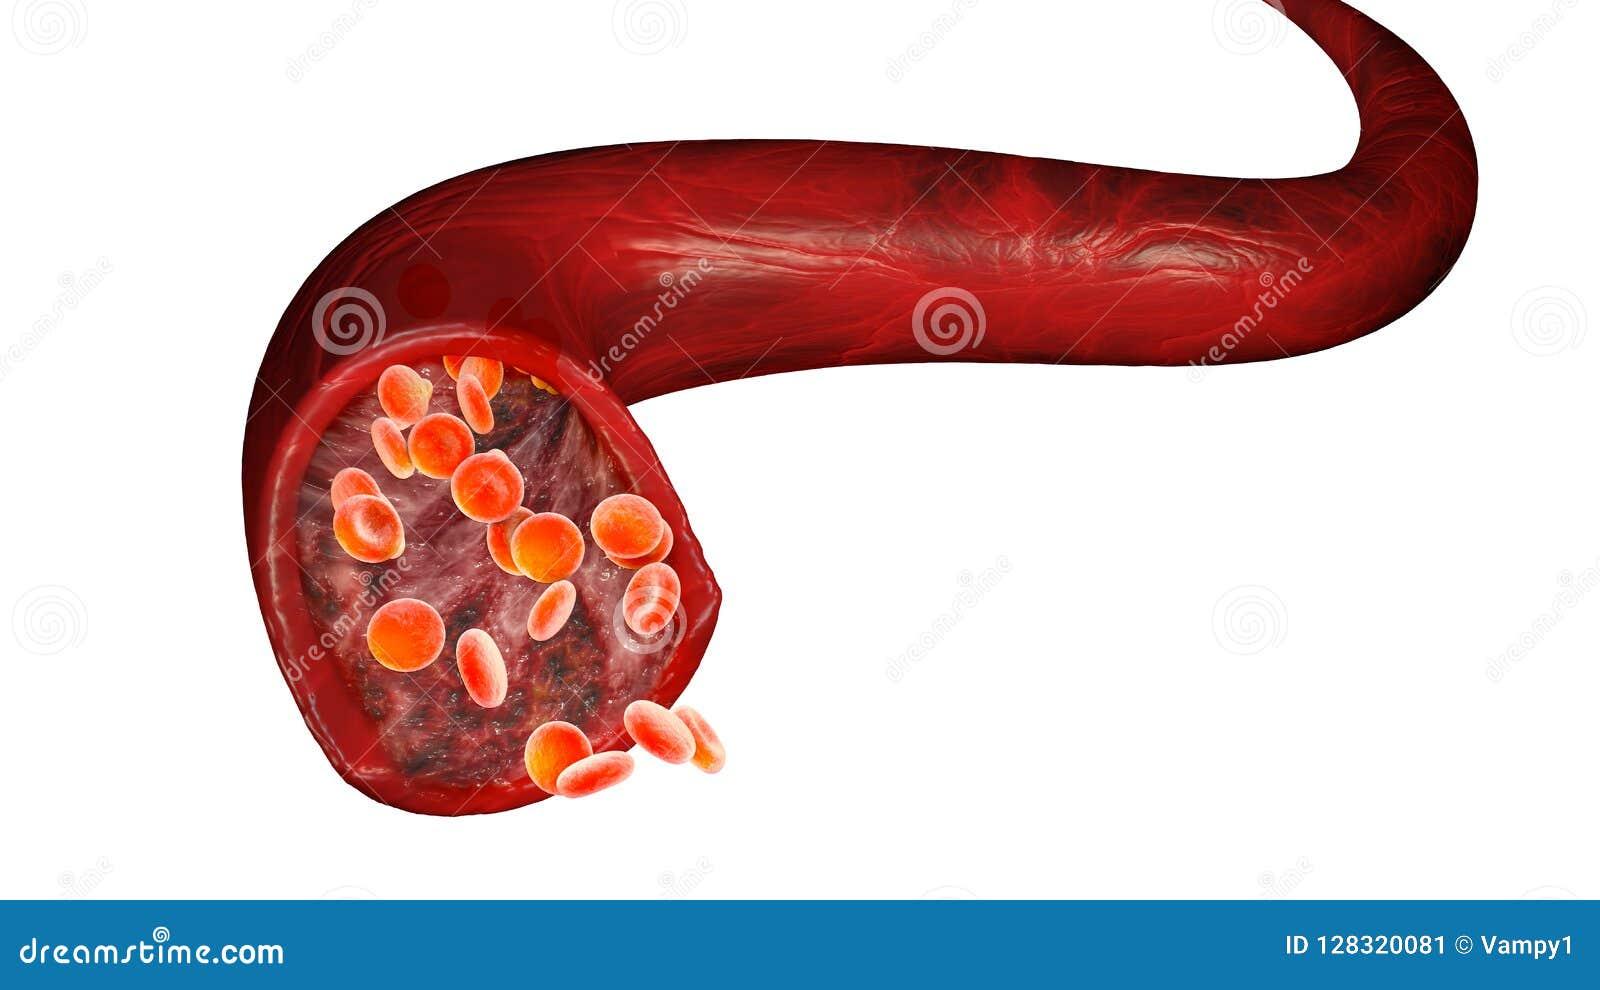 Czerwone komórki krwi i przepływ krwi przez żyły, małe bańczaste komórki proteina która daje czerwonemu kolorowi które zawierają